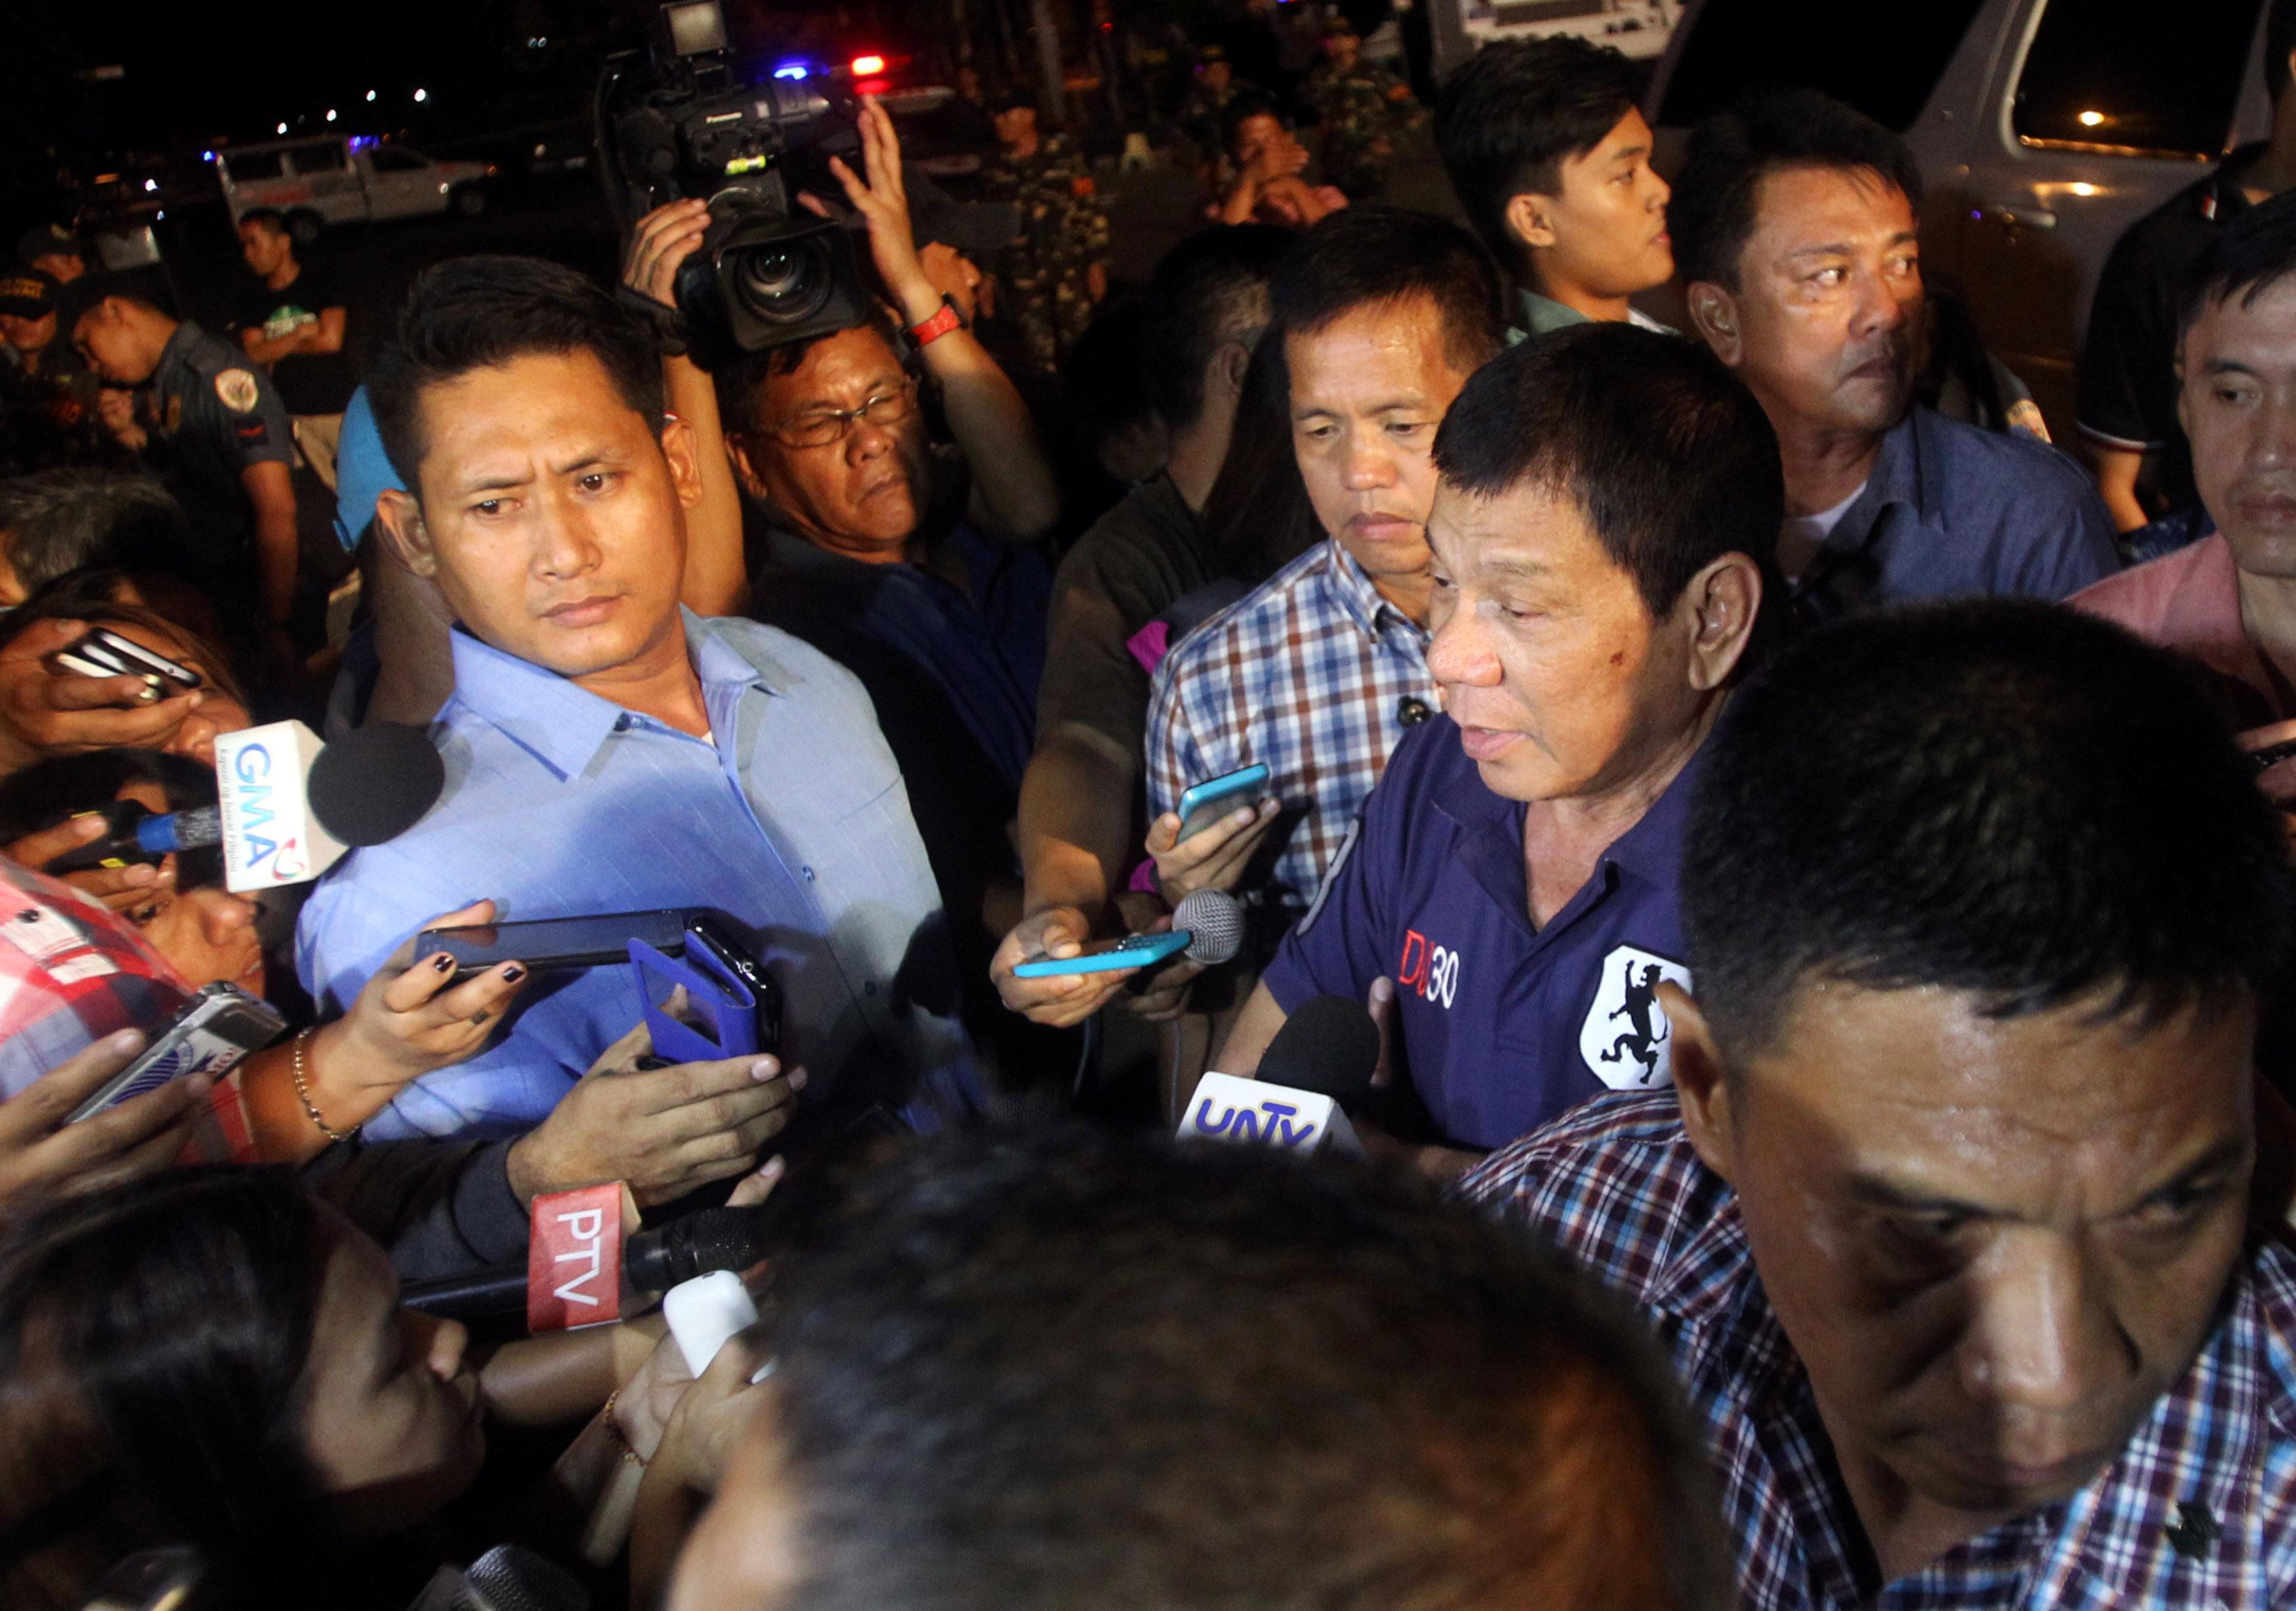 Tổng thống Philippines Rodrigo Duterte cũng đã nhanh chóng có mặt tại hiện trường. Ông Duterte là thị trưởng Davao hơn 20 năm, trước khi đắc cử tổng thống Philippines và nhậm chức vào ngày 30/6 vừa qua.